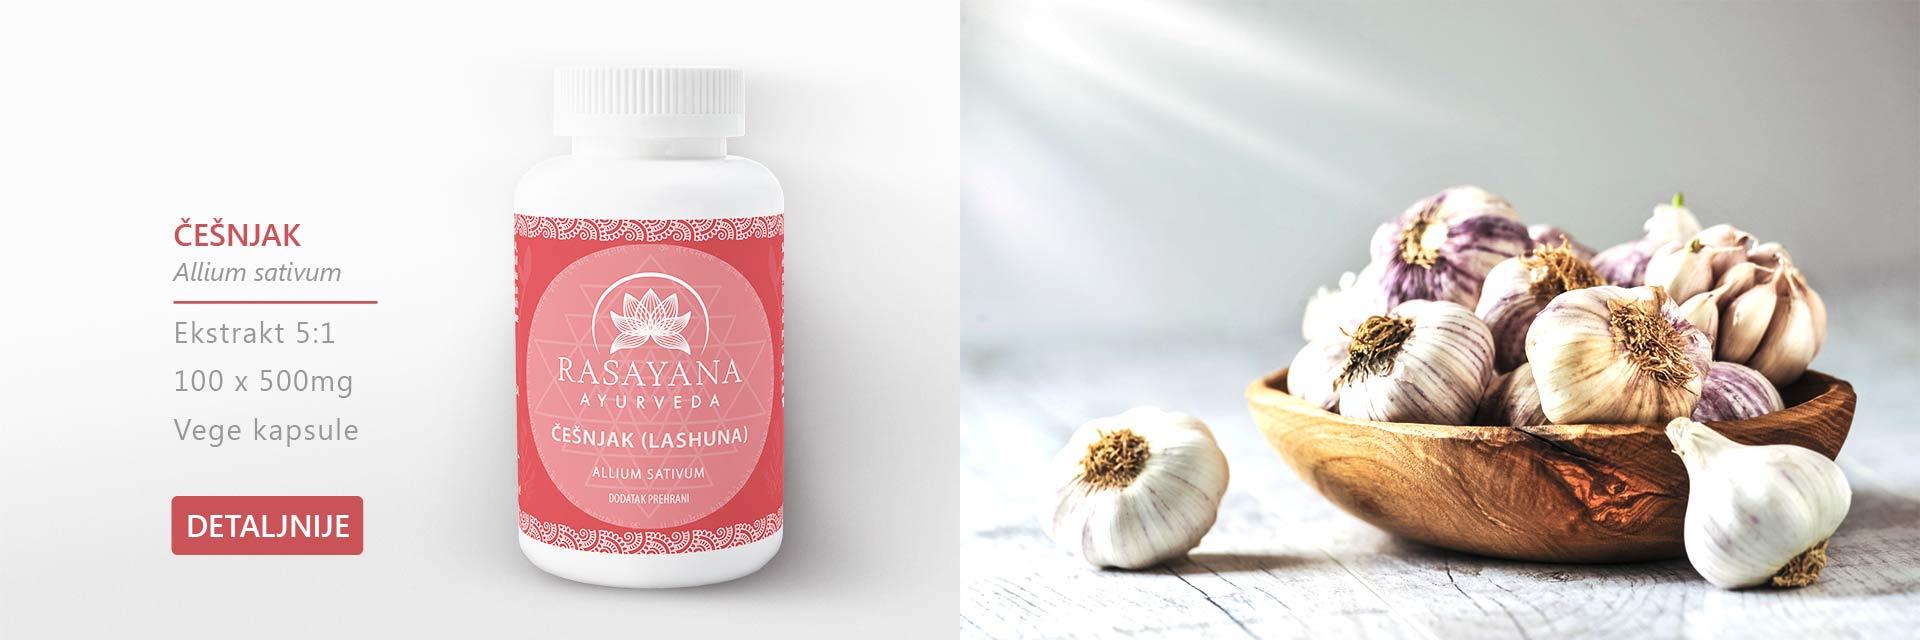 Shop Kupi proizvod Česnjak Lashuna Allium sativum Ekstrakt svježeg gomolja Suplement Dodatak prehrani Rasayana Ayurveda